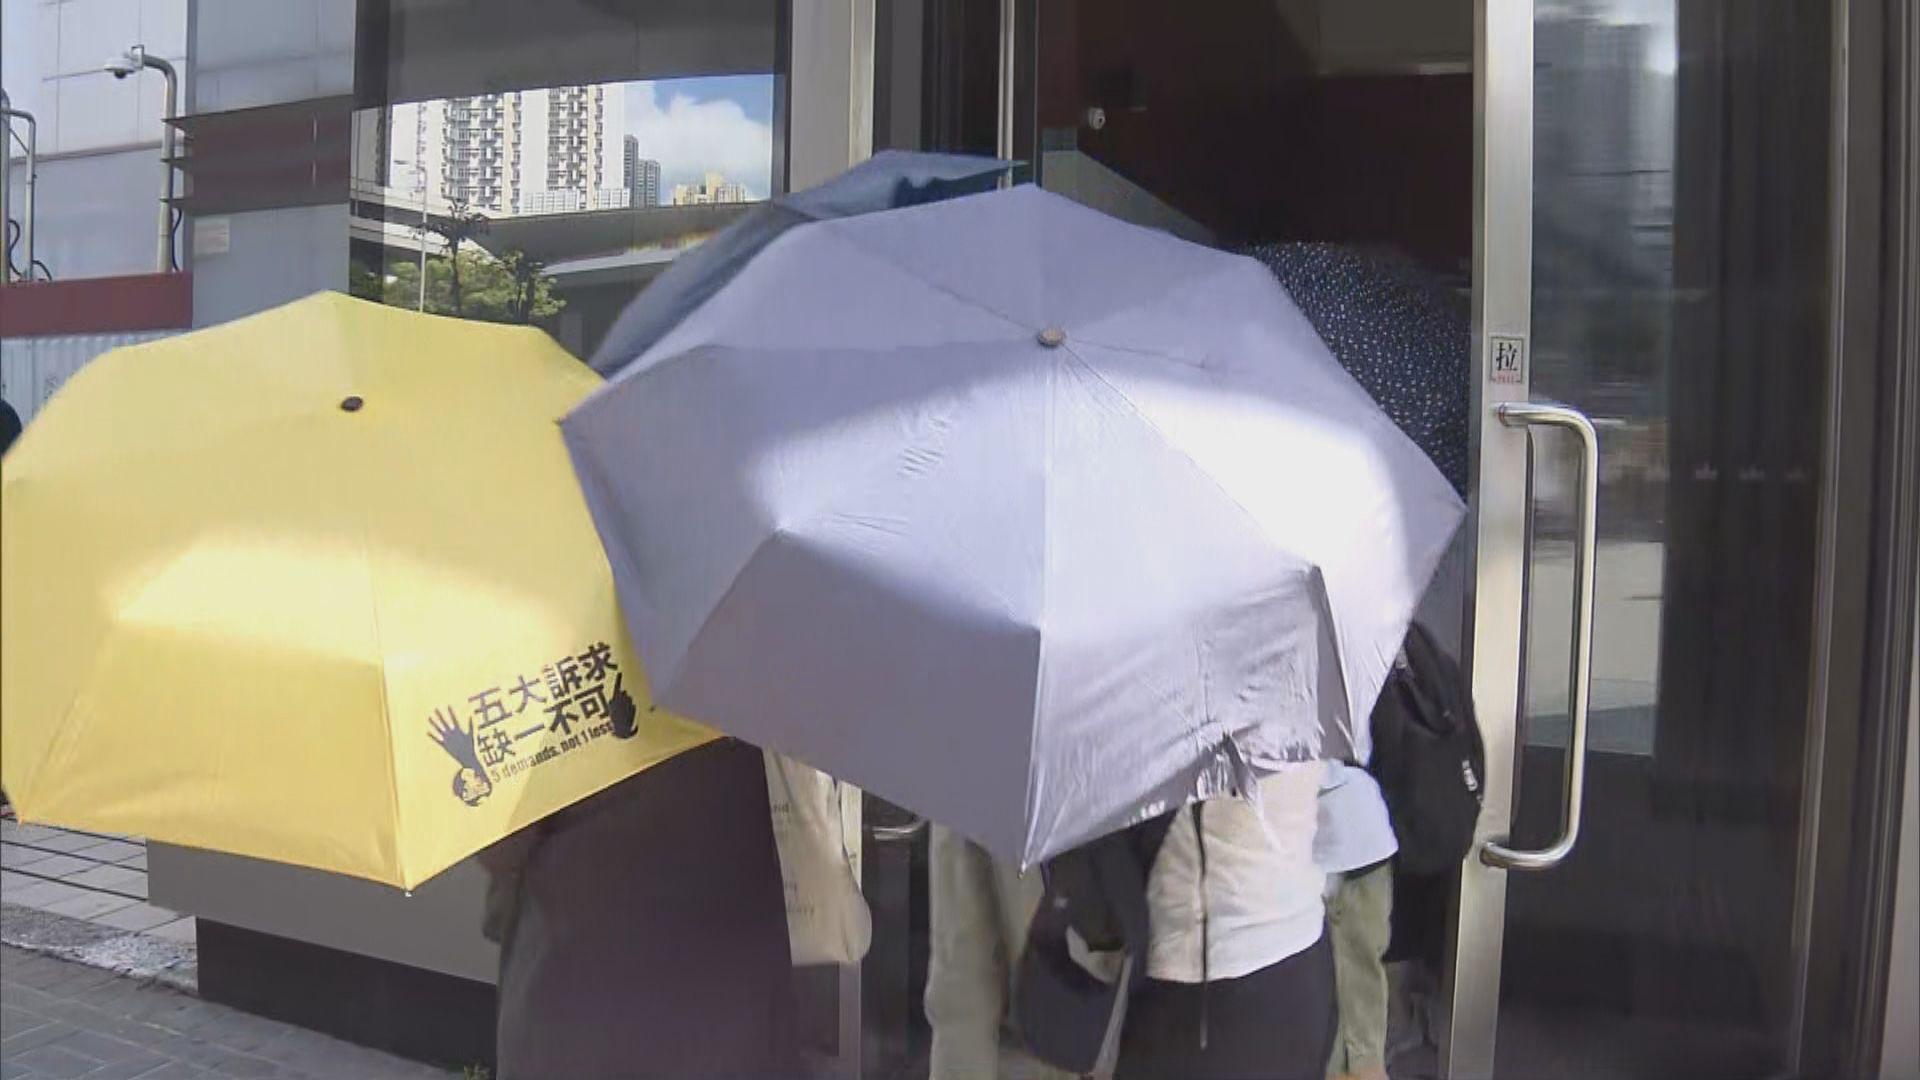 男子管有物品意圖損壞財產罪成 判60小時社會服務令